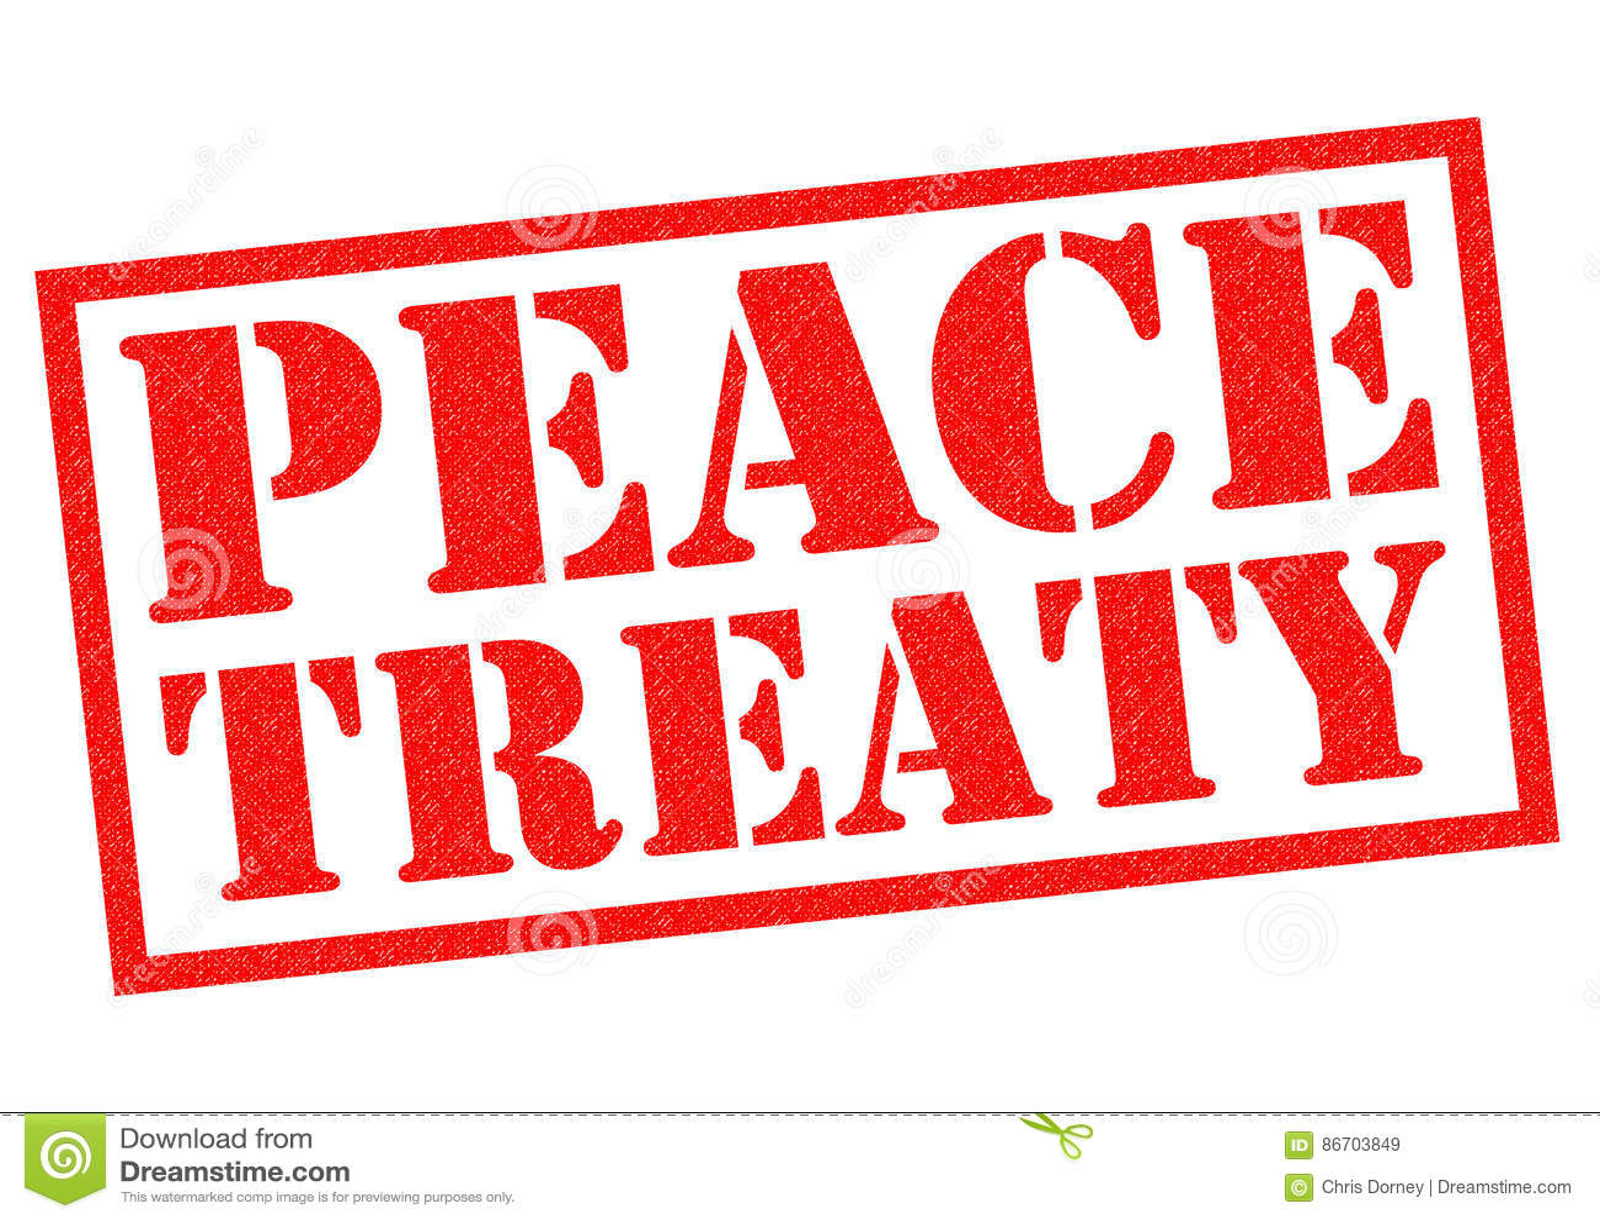 Hasil gambar untuk peace treaty